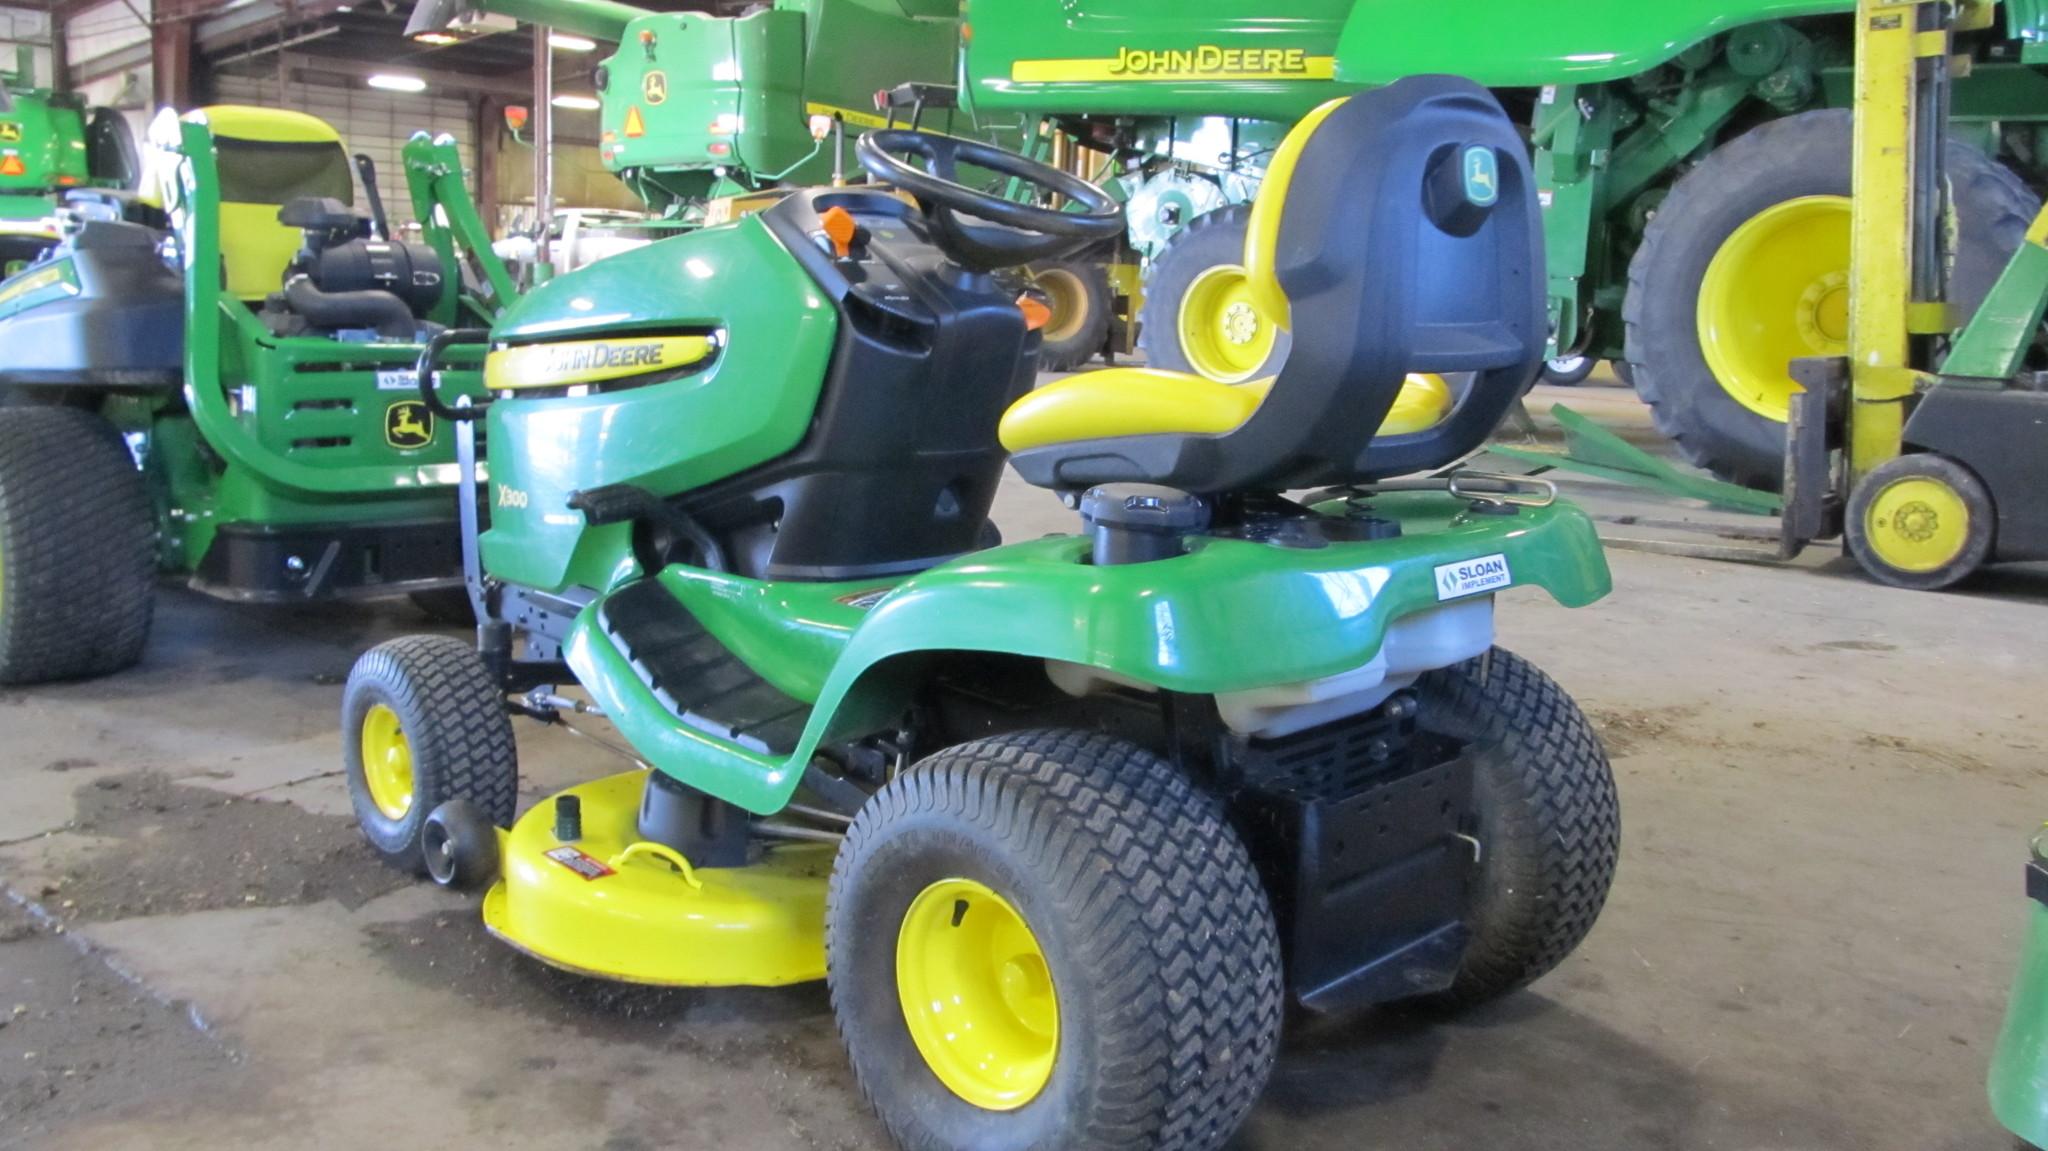 John Deere X300 Lawn Garden Tractors For Sale 65665